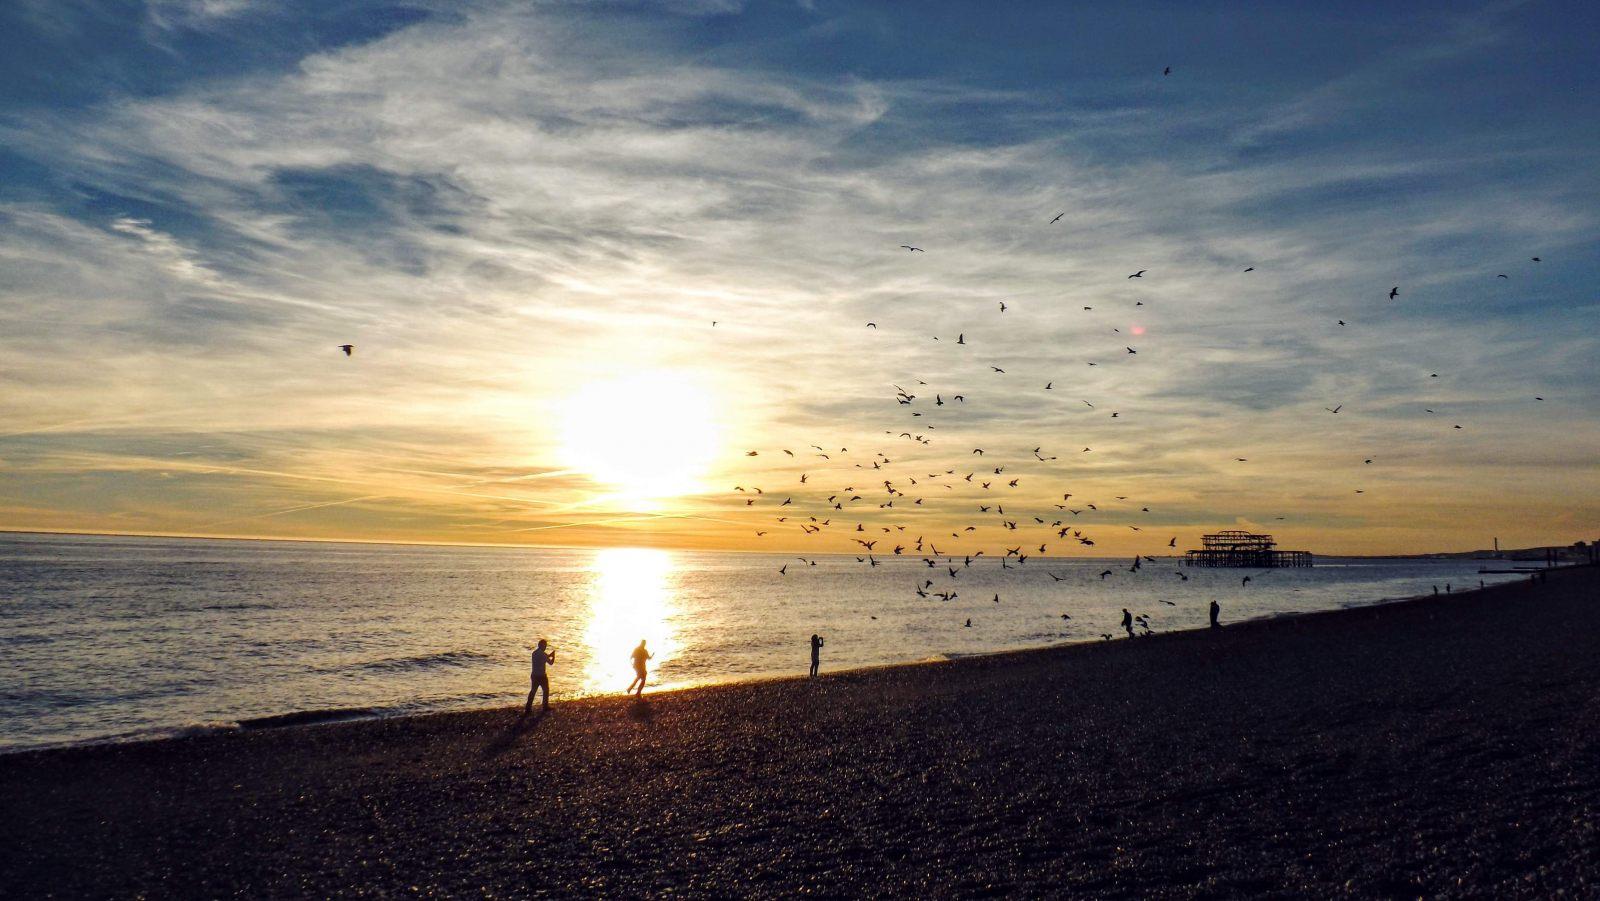 Hibiscus & Nomada : Brighton - Seagulls